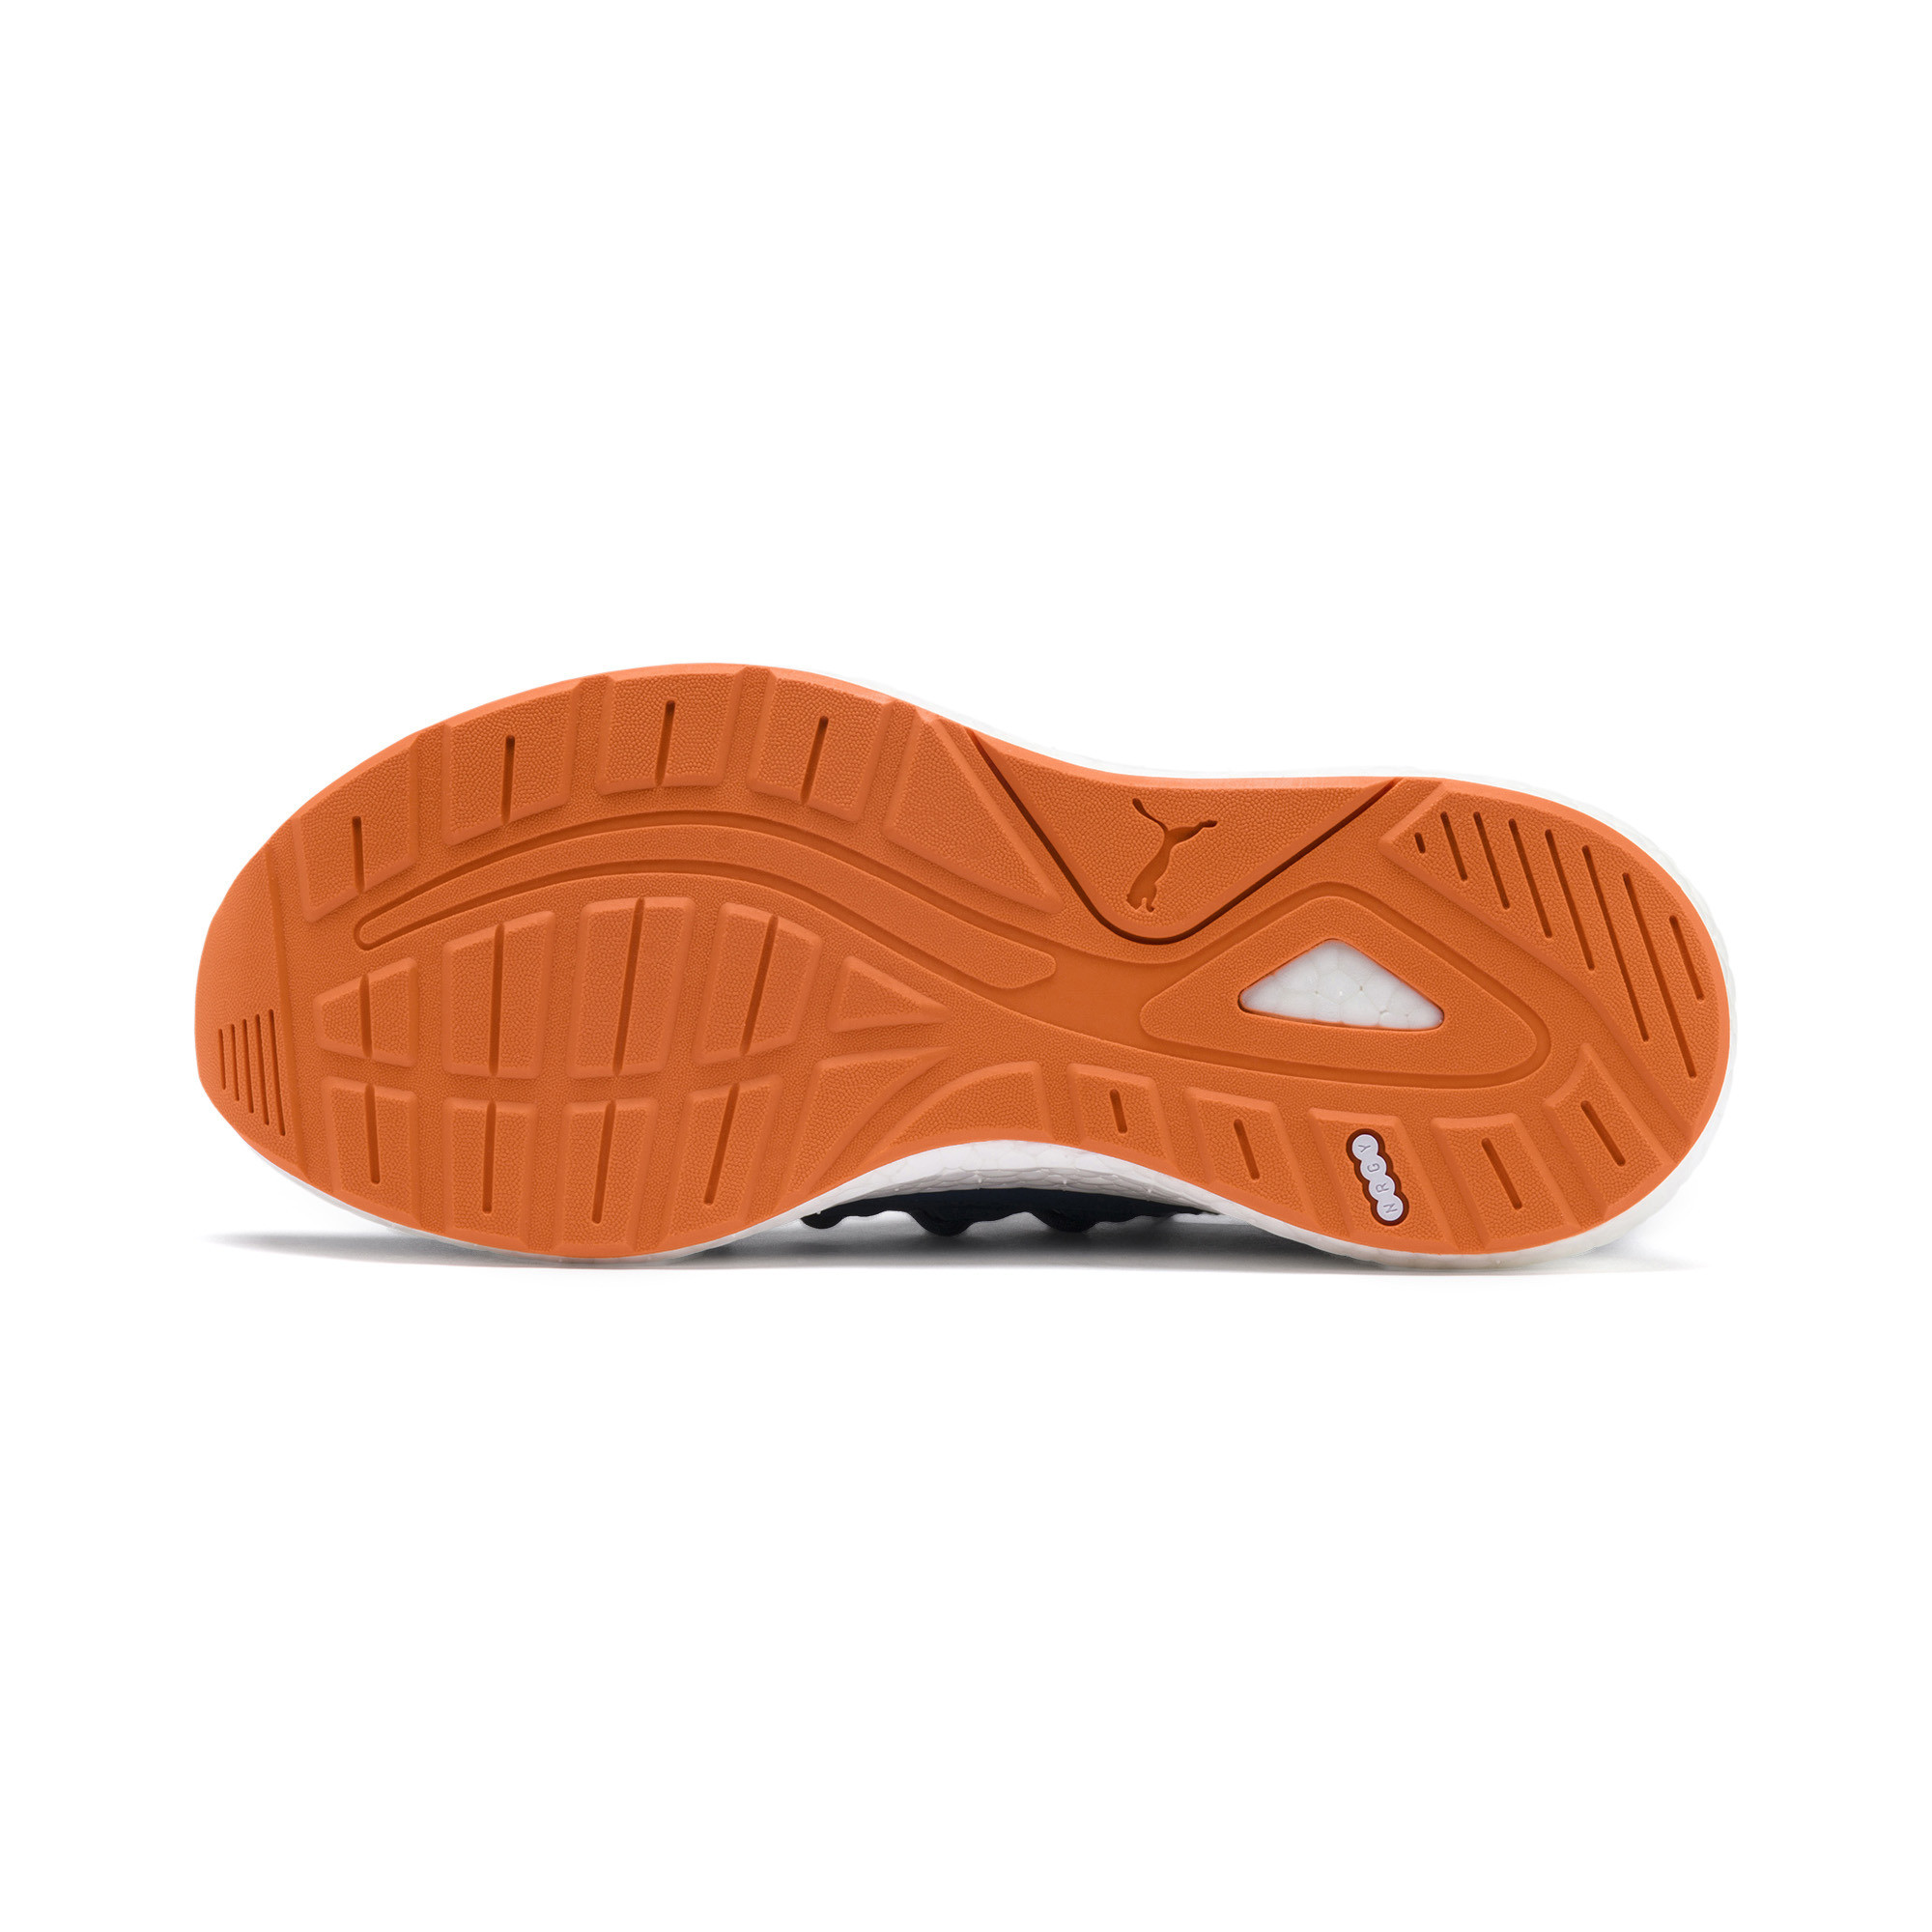 PUMA-Youth-NRGY-Neko-Knit-Running-Shoes thumbnail 5